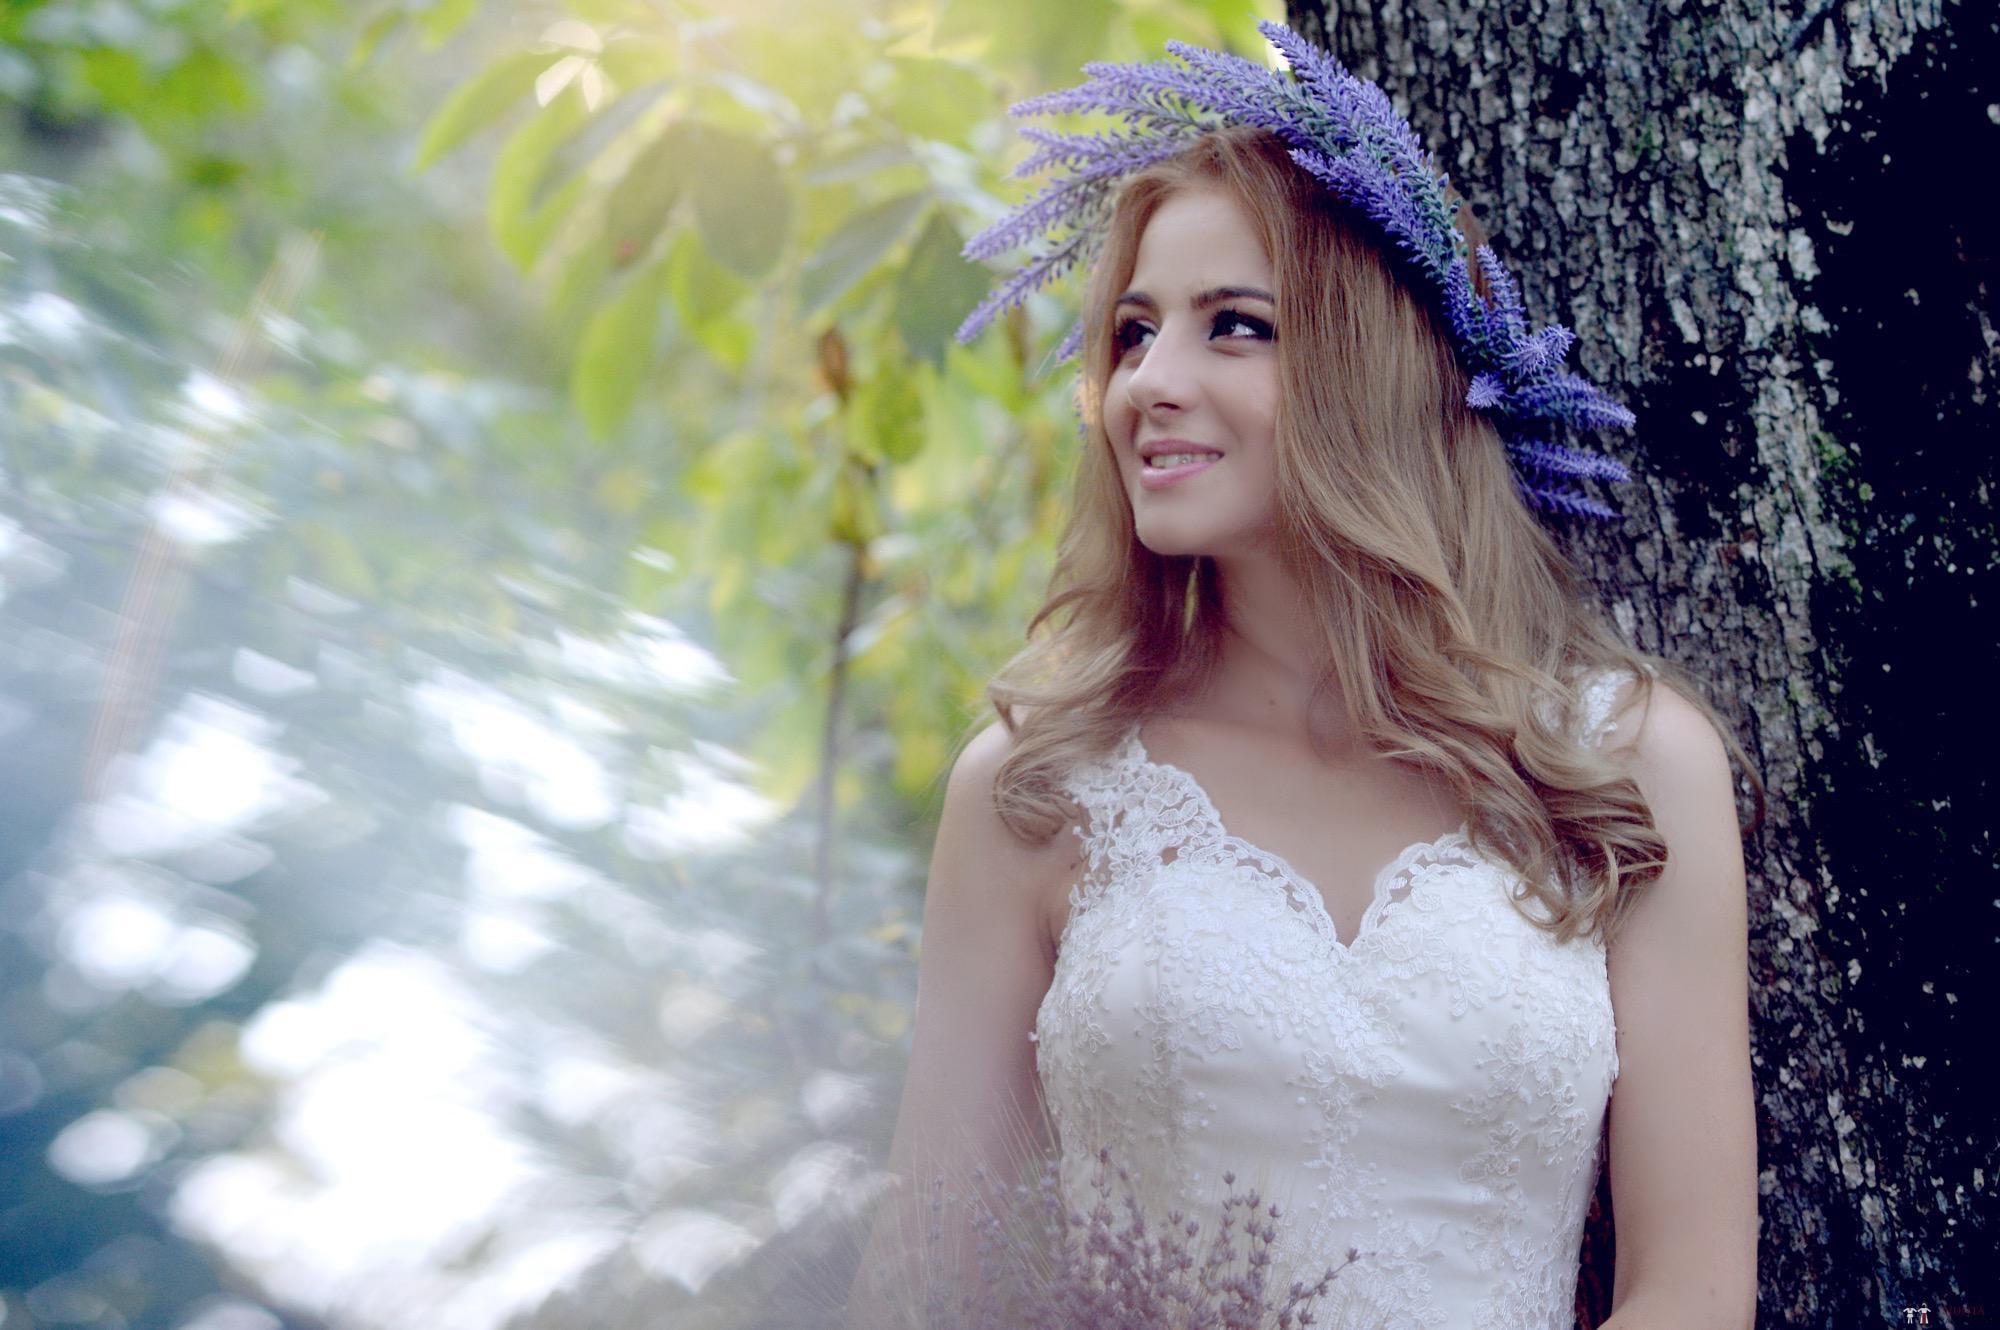 Povești Nunți Tradiționale - Iulia și Andrei. Nuntă tradițională în Bucovina. 83